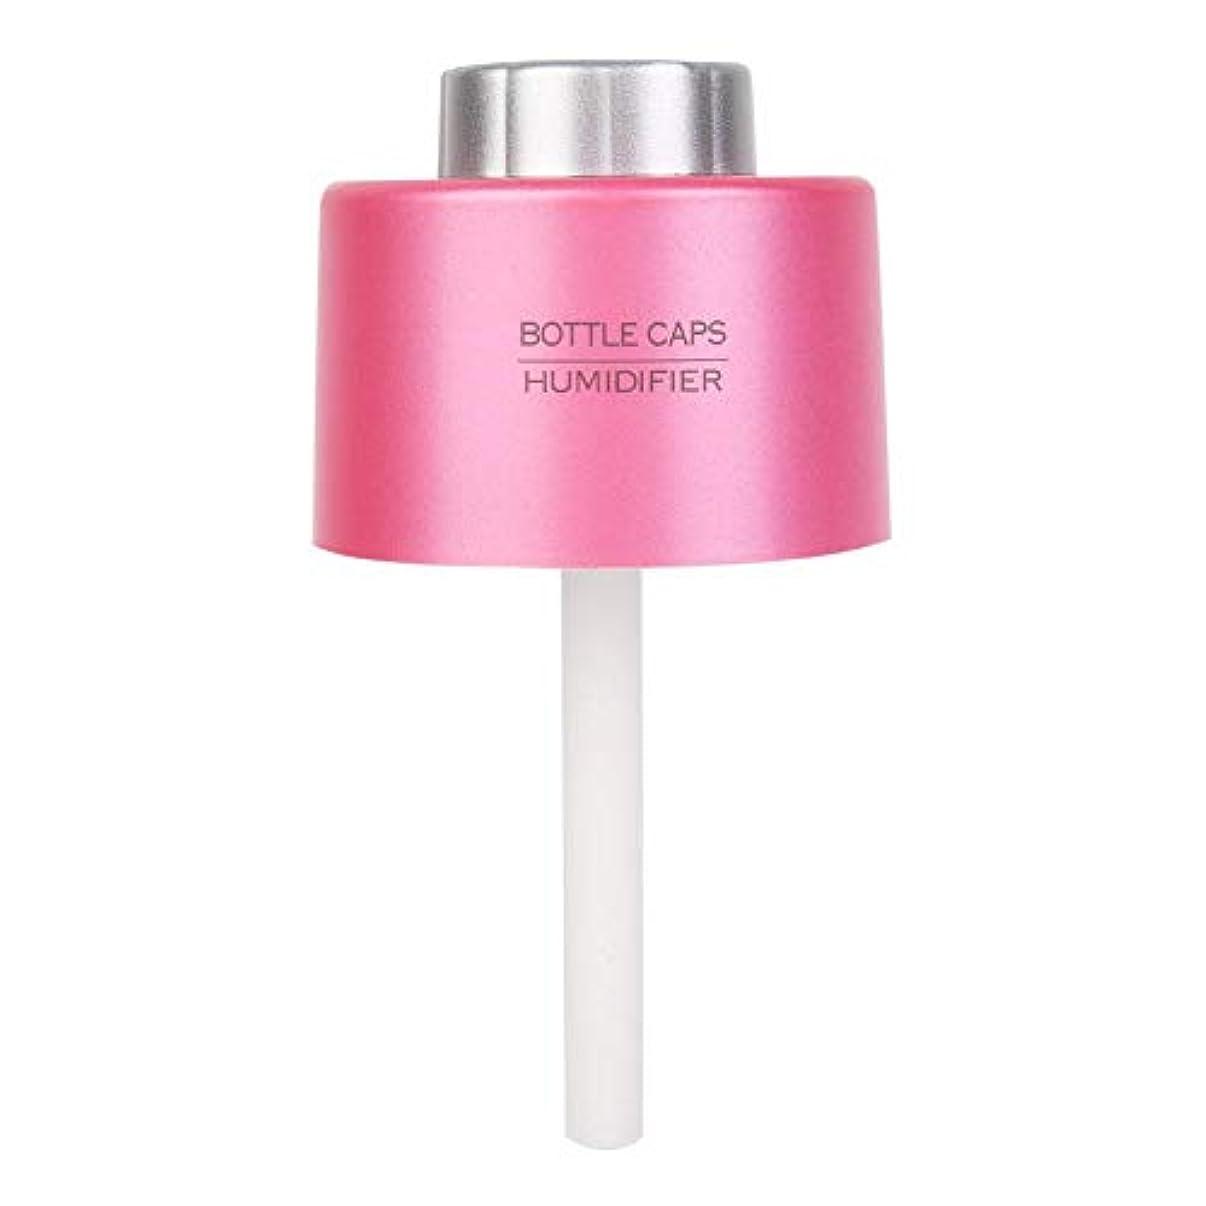 定説カメラ抽象化ポータブルミニウォーターボトルキャップ加湿器アロマエアディフューザーミストメーカーUSB(ピンク)